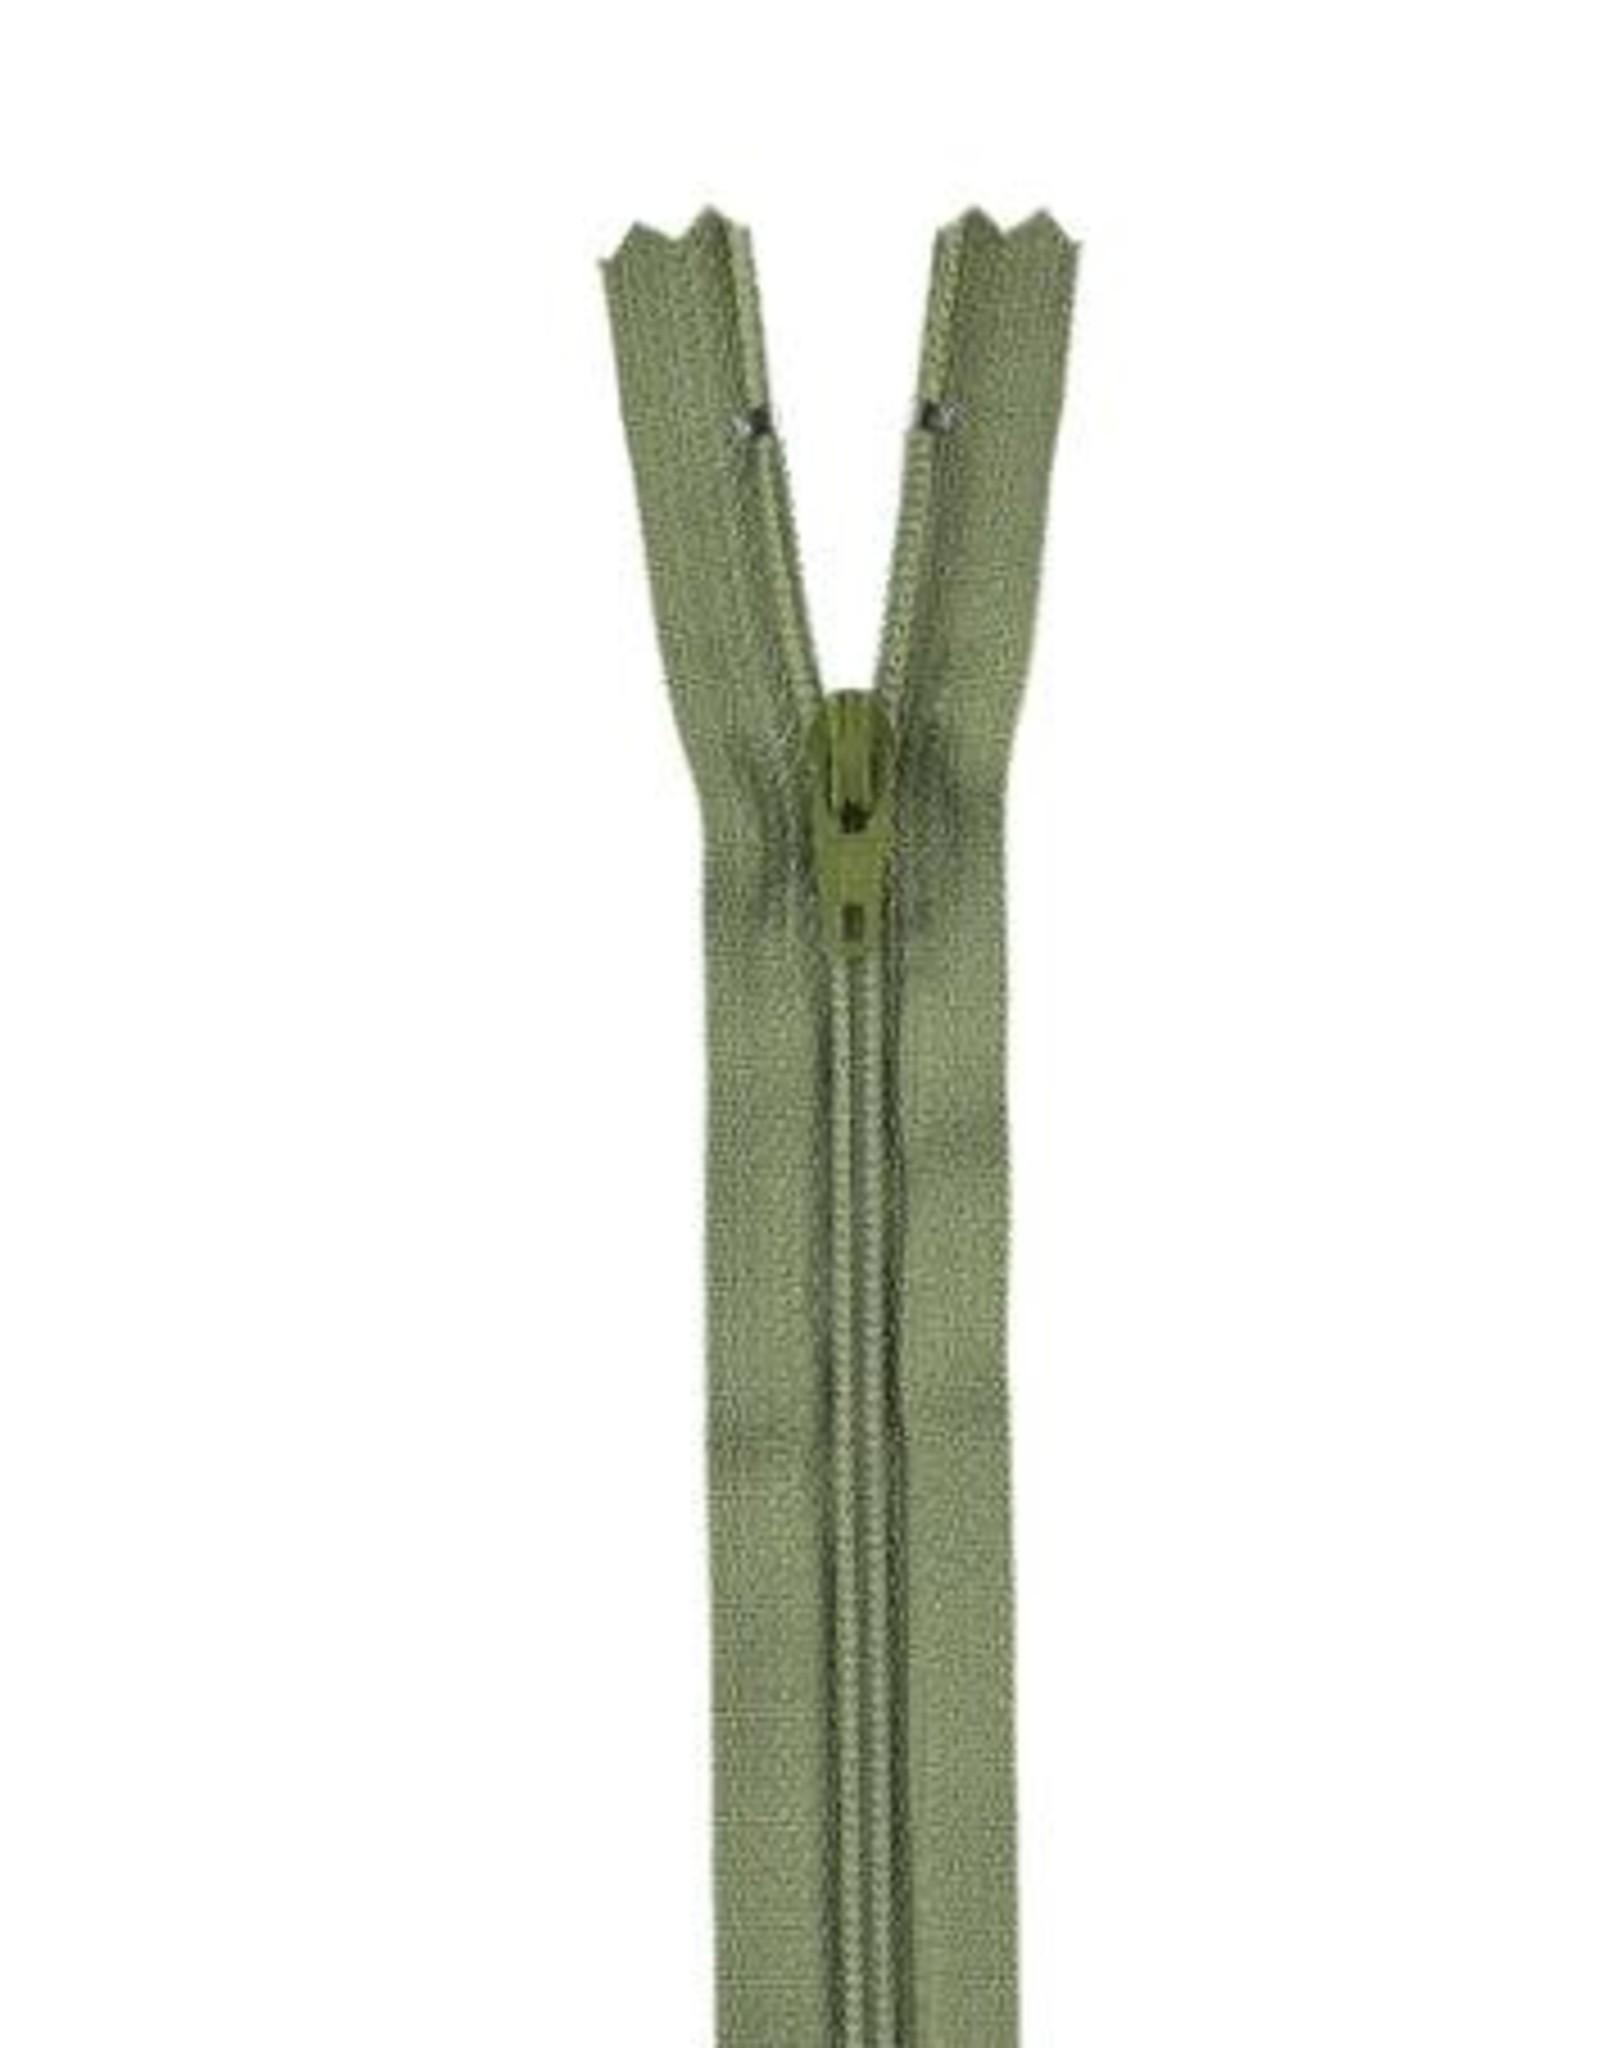 YKK Spiraalrits niet-DB 3mm mosgroen 888-18cm